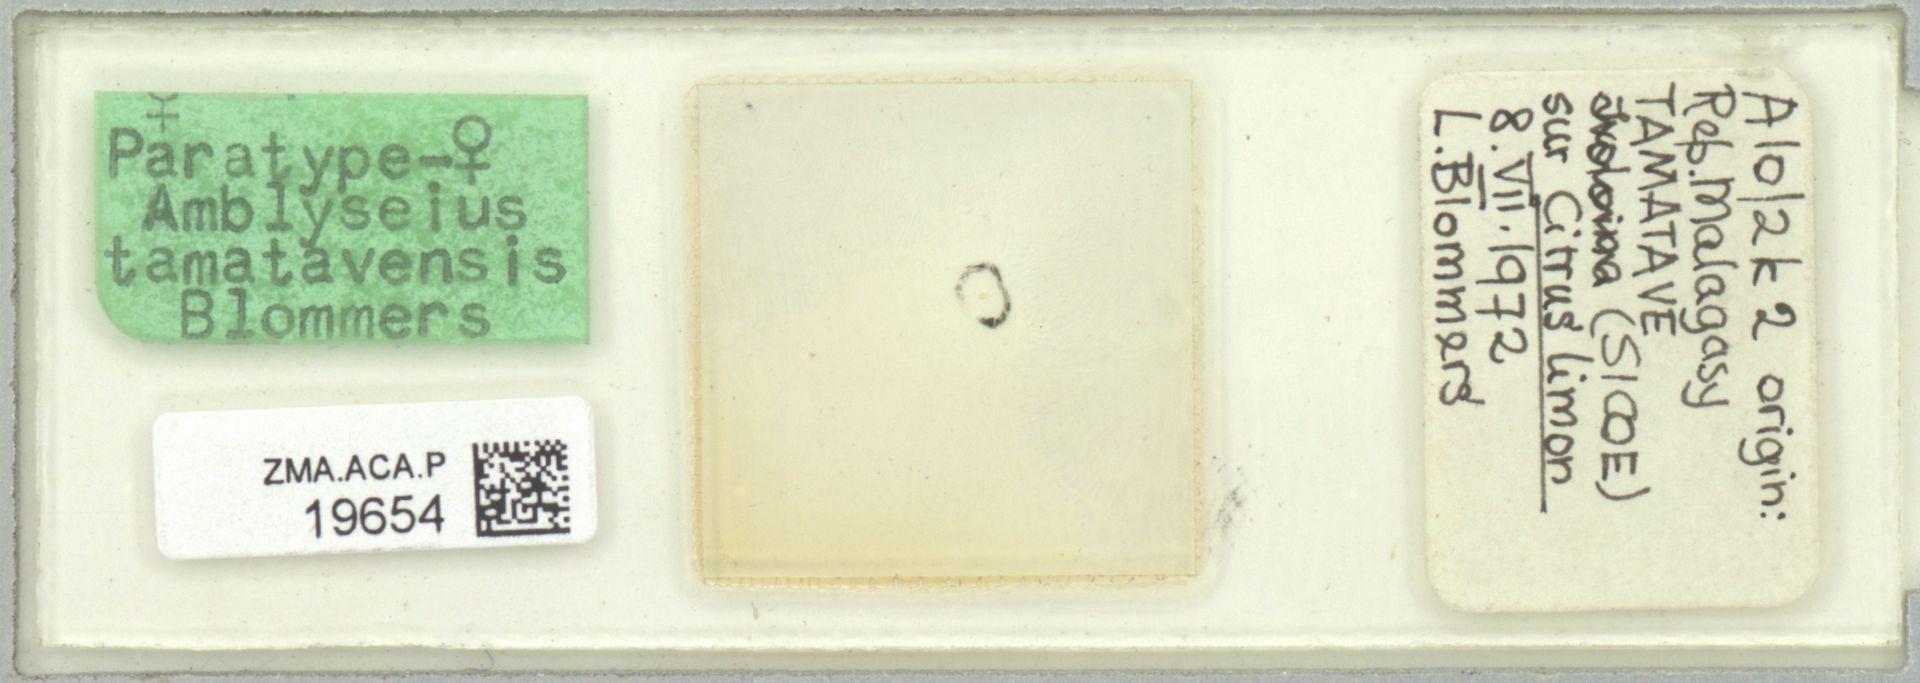 ZMA.ACA.P.19654 | Amblyseius (Amblyseius) tamatavensis Blommers